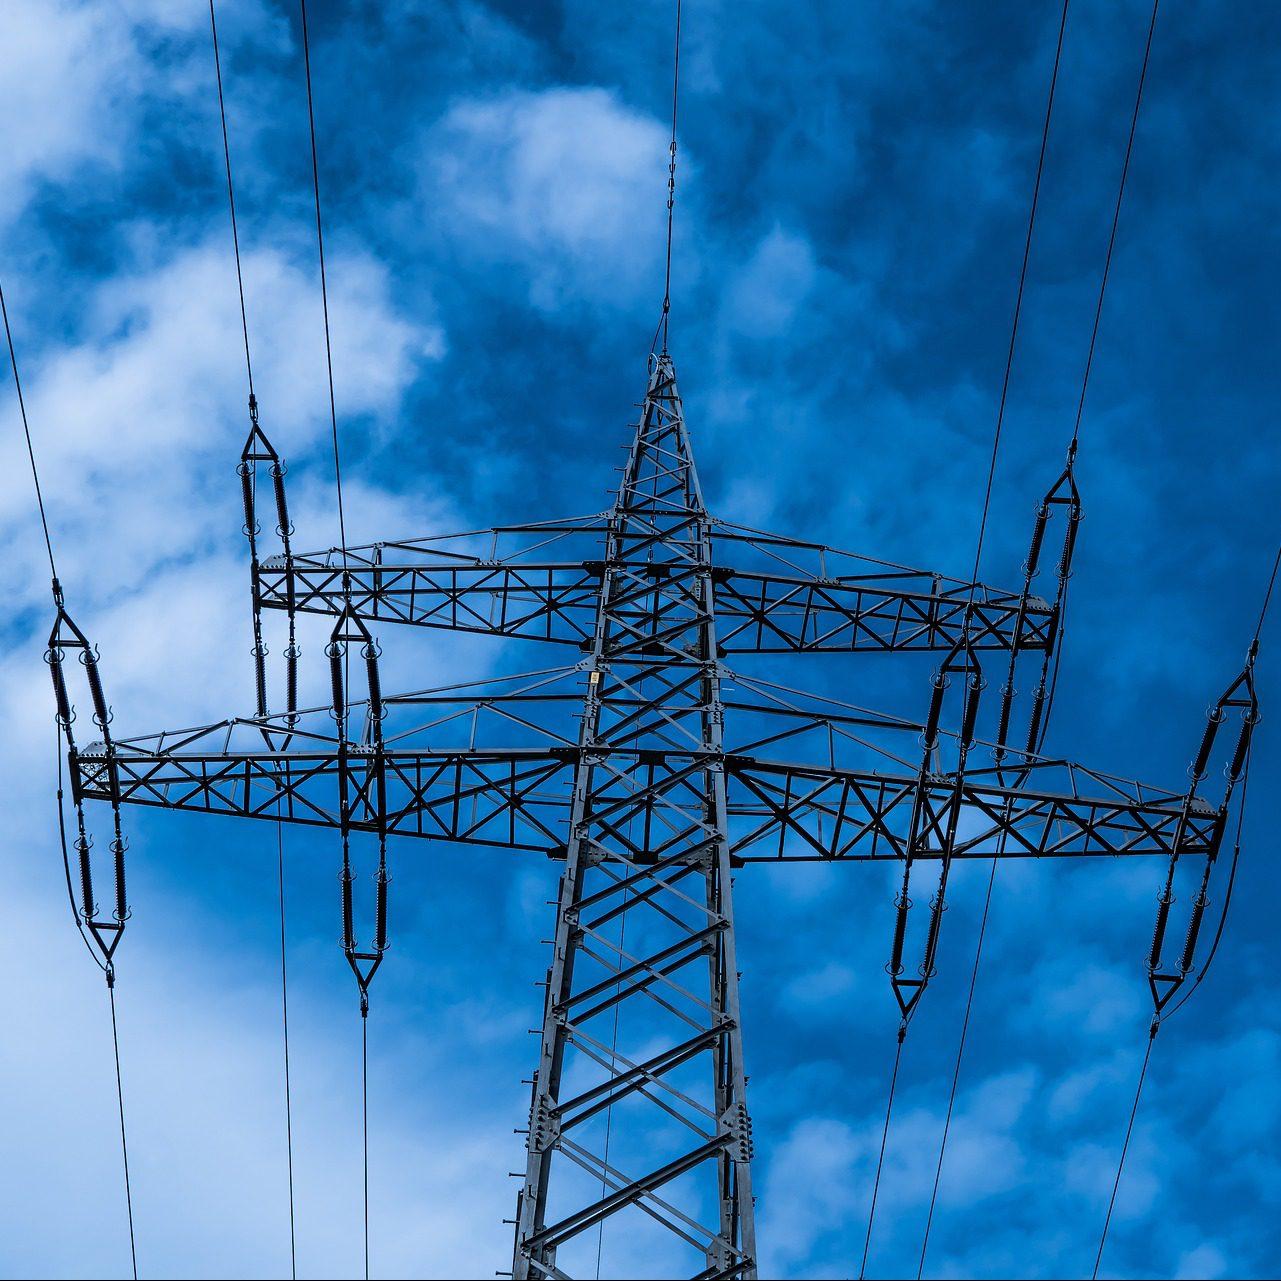 Energierechtliche Anmerkungen zum Smart Meter-Rollout